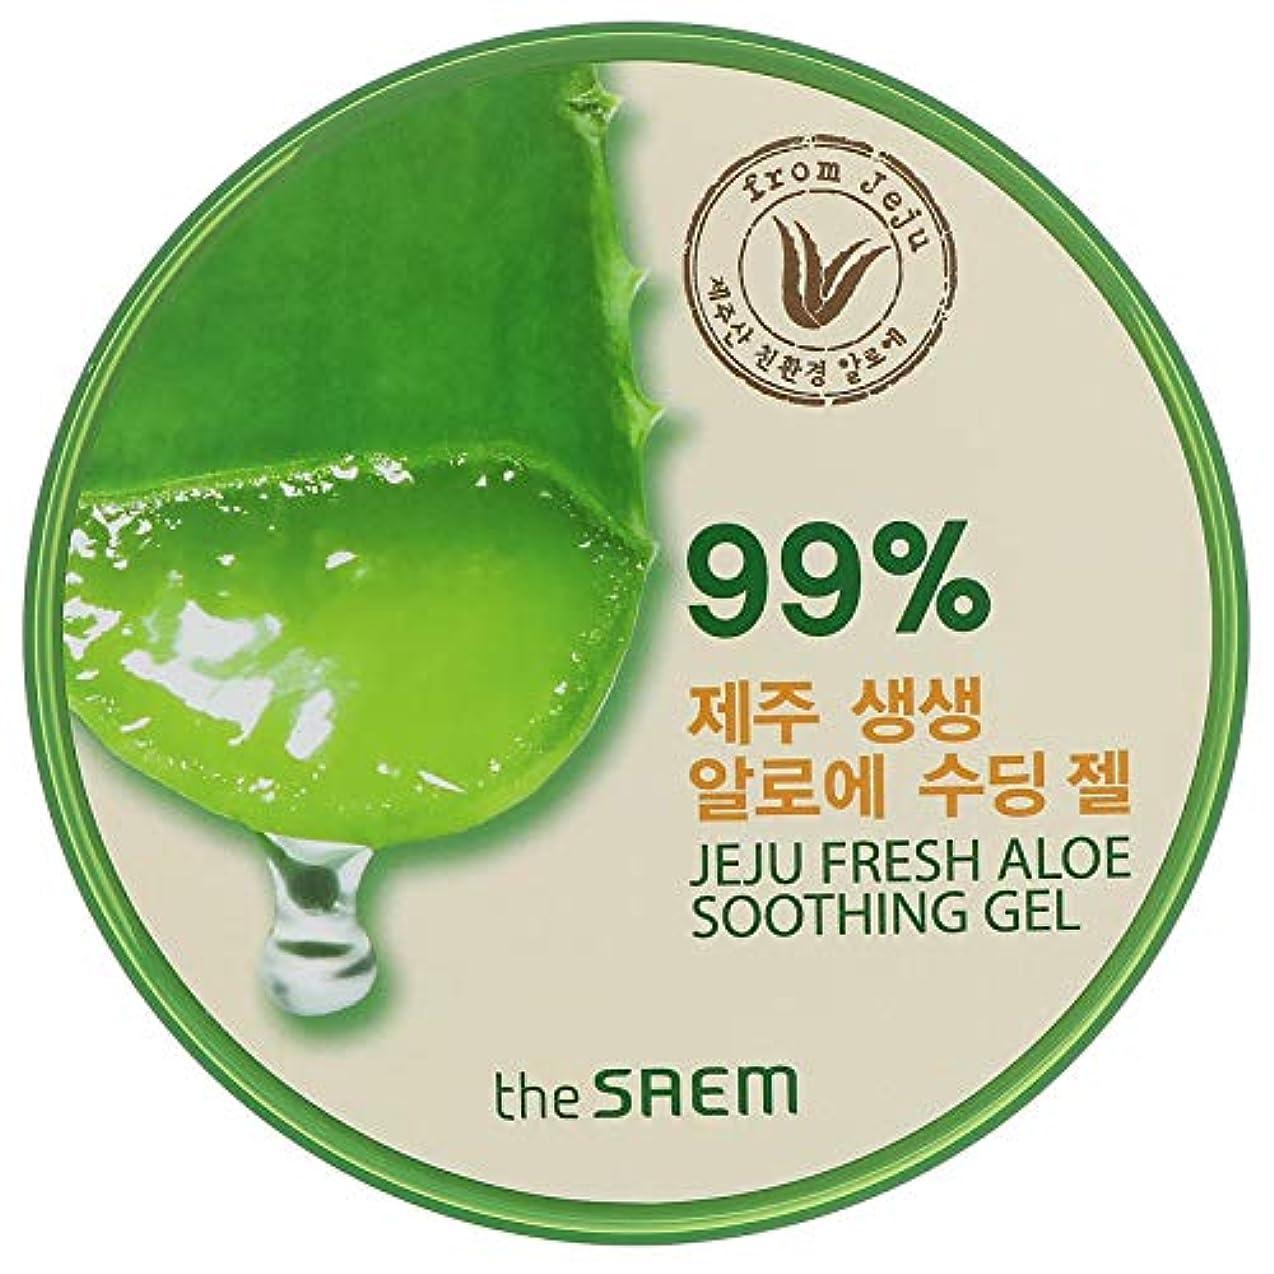 噴火テラス明日即日発送 【国内発送】ザセム アロエスーディングジェル99% 頭からつま先までしっとり The SAEM Jeju Fresh ALOE Soothing Gel 99%